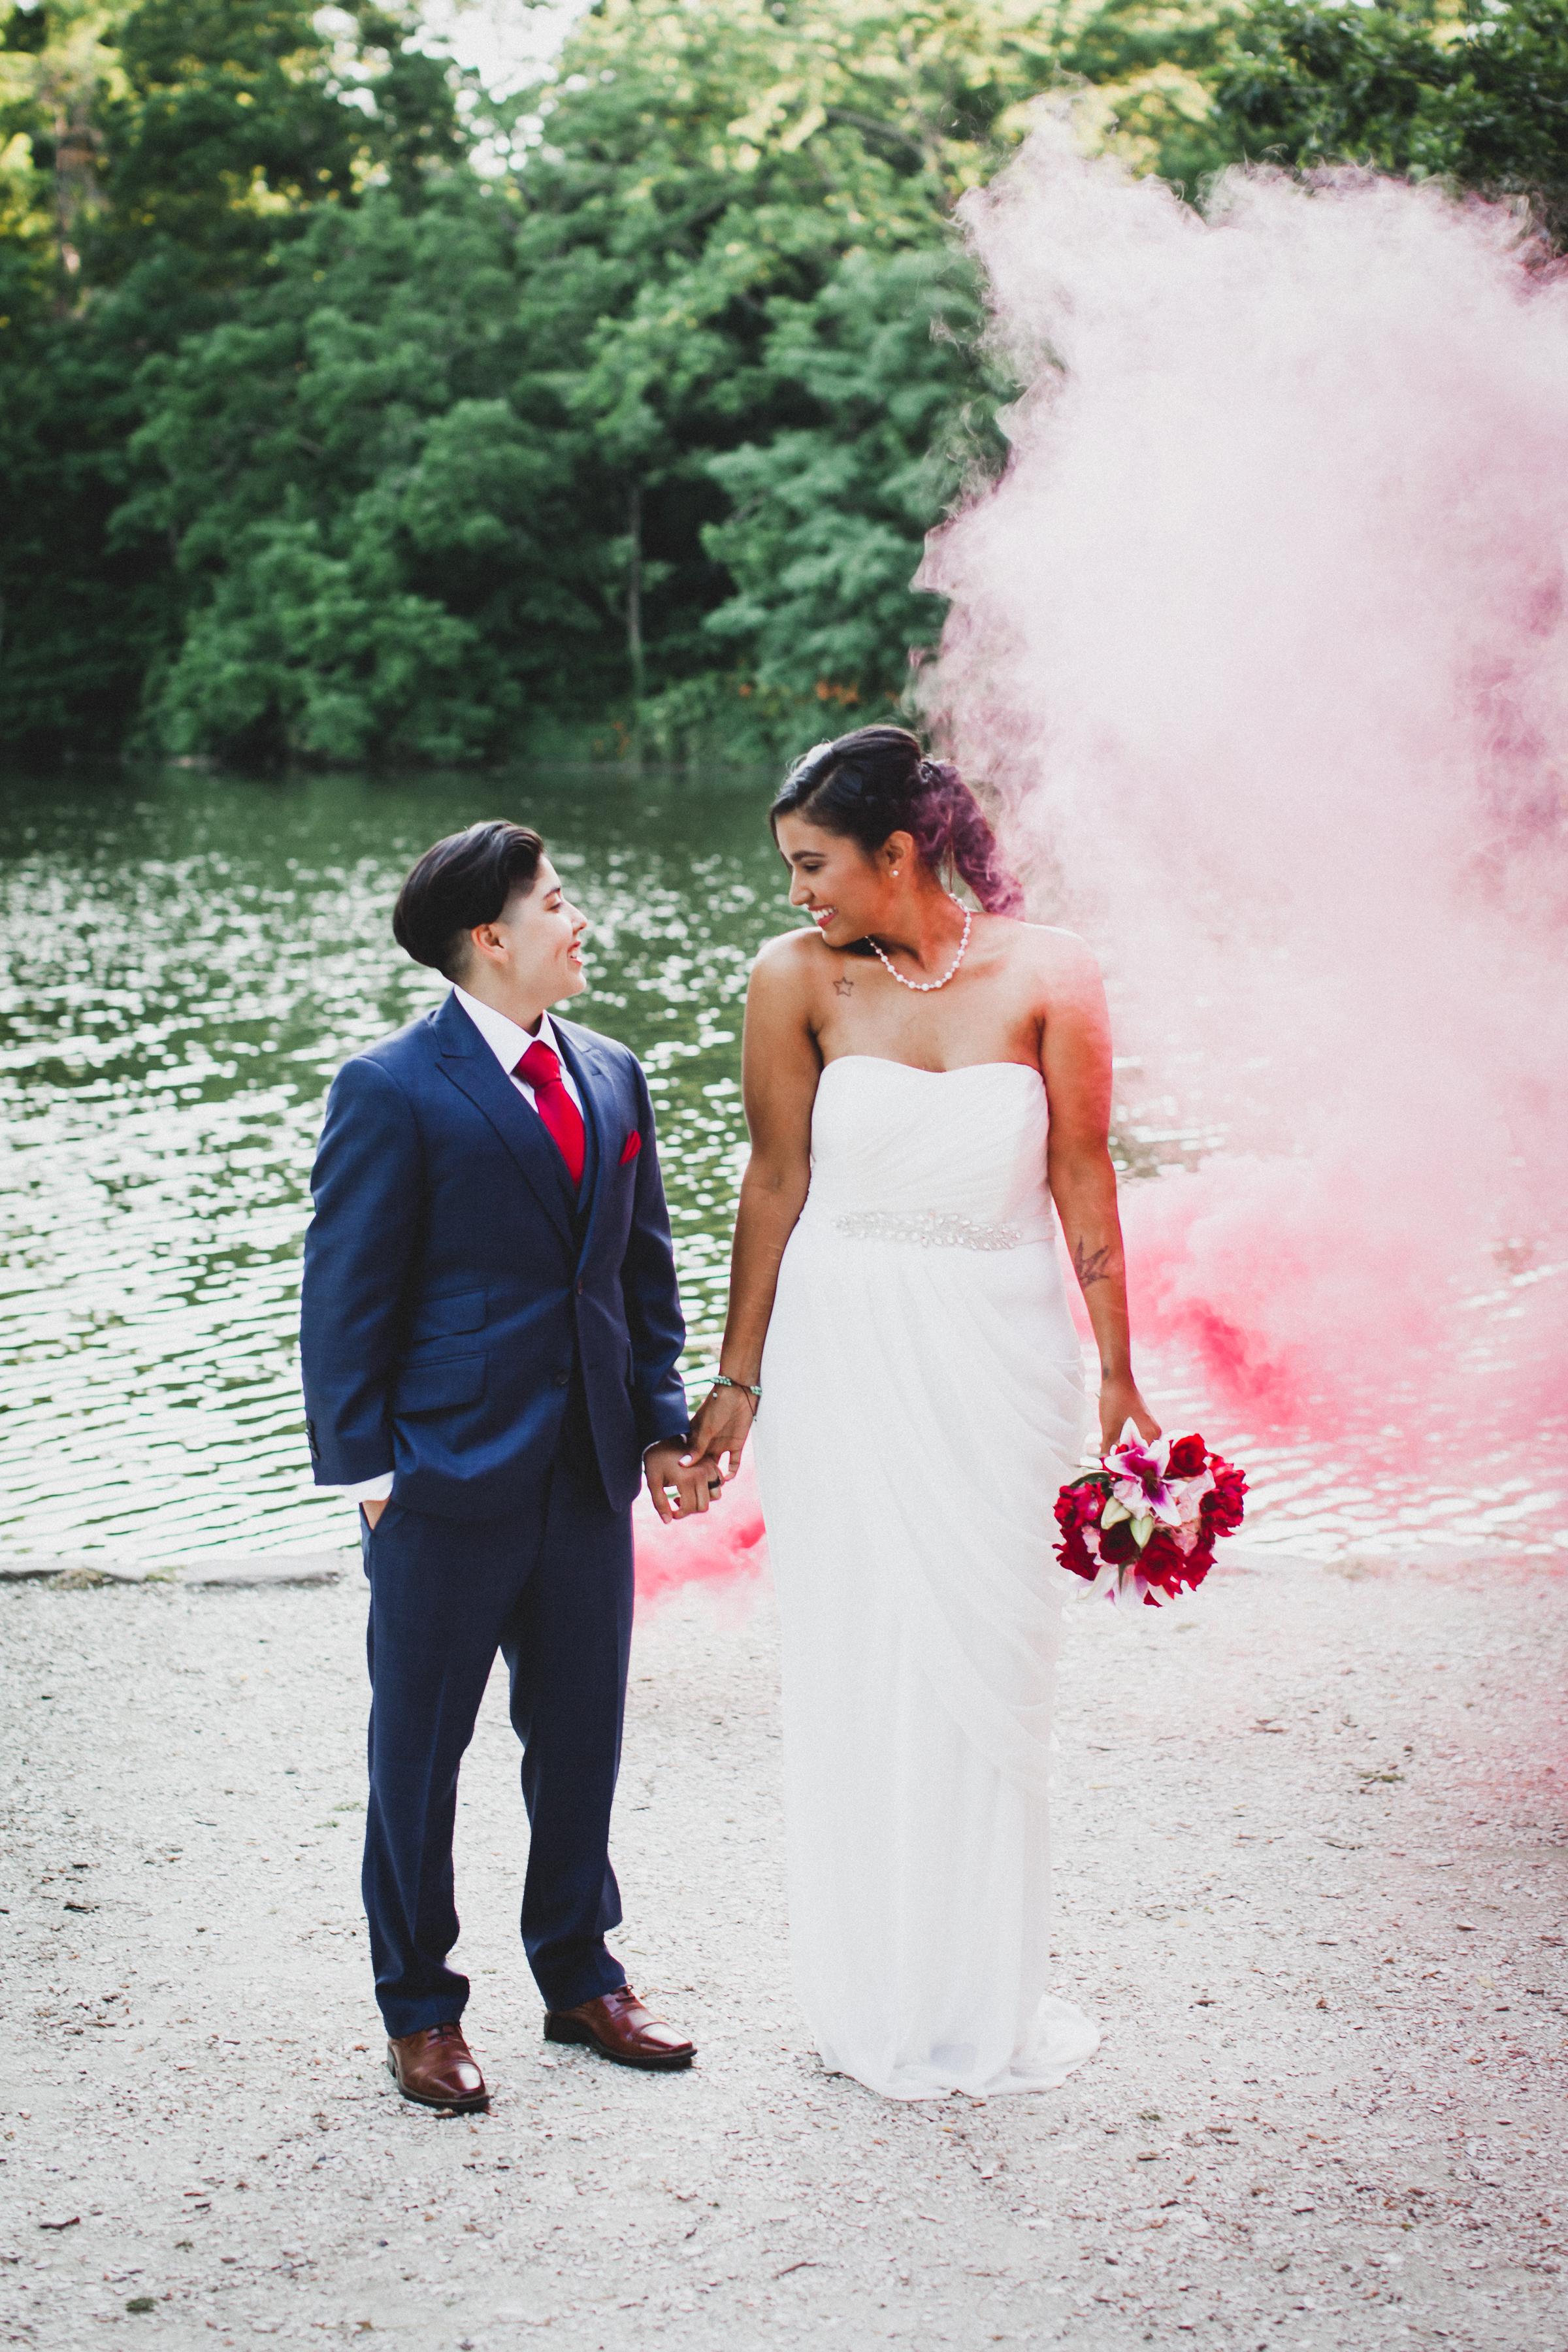 Long-Island-Documentary-Wedding-Photographer-Avalon-Park-Wedding-Photos-50.jpg